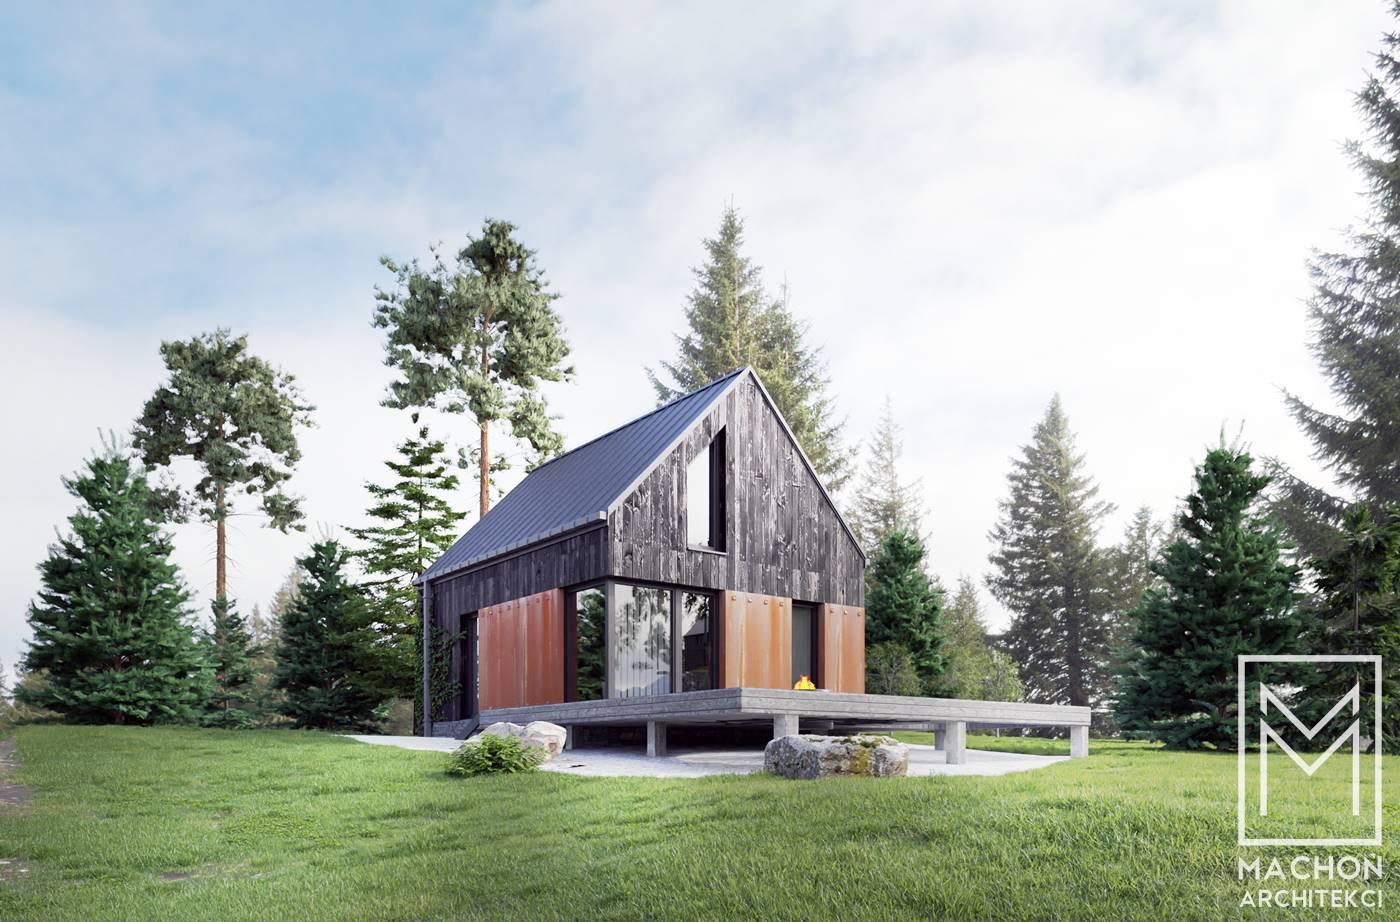 domek w górach nowoczesny stodoła projekt z tarasem pod lasem ośrodek wczasowy projekt